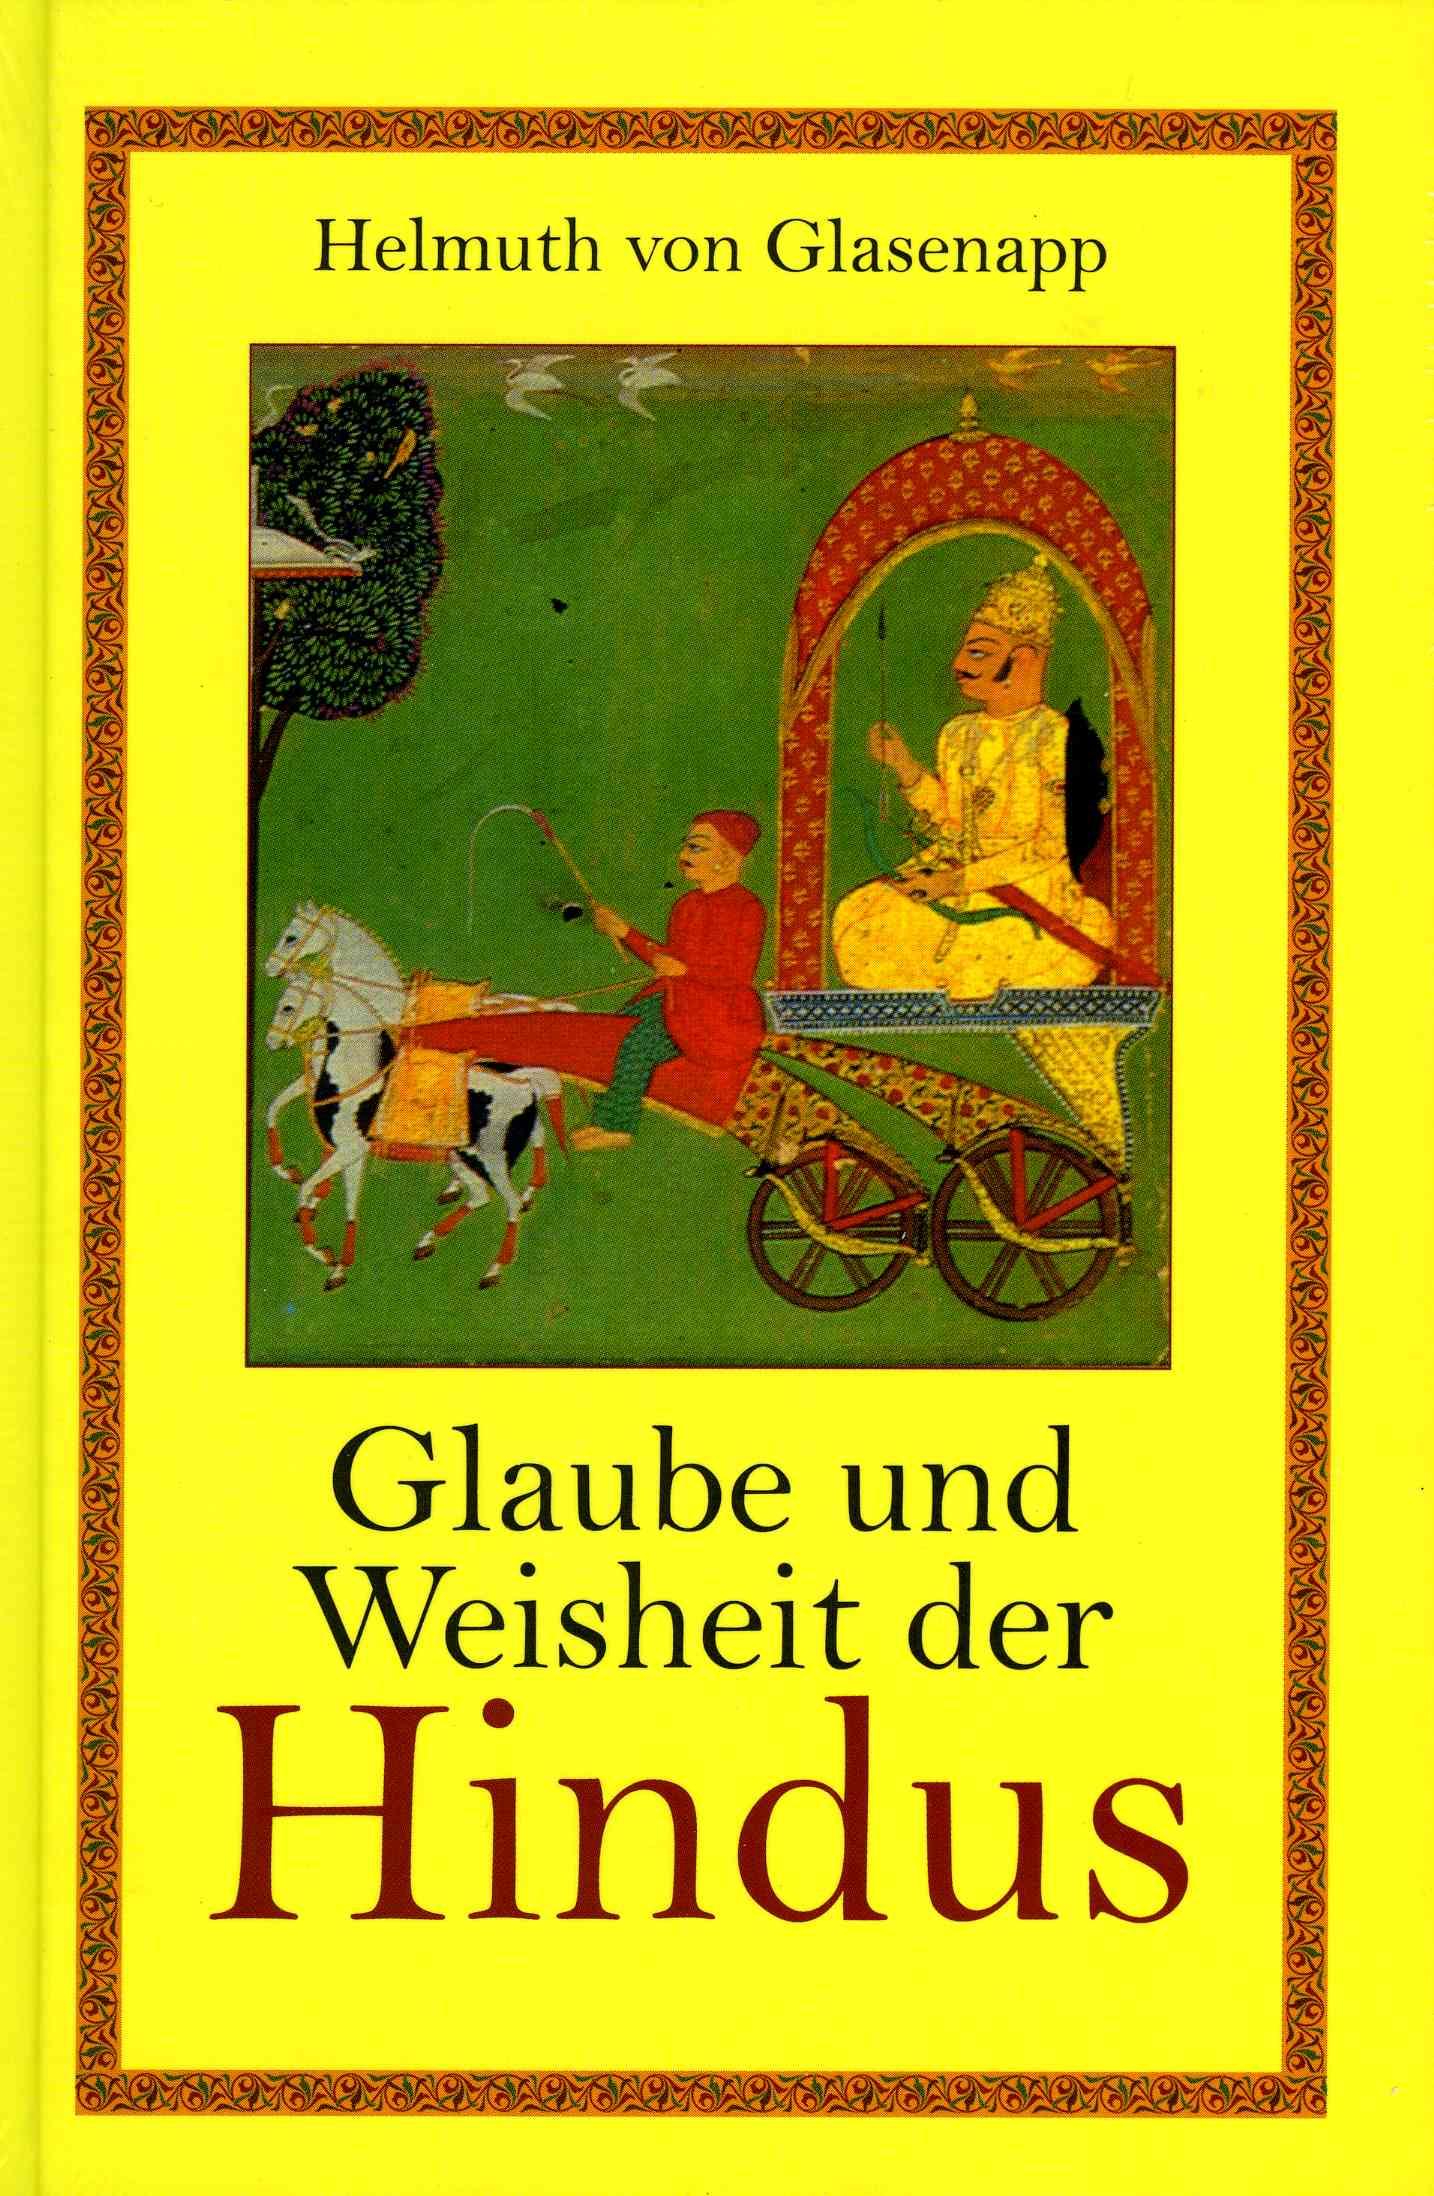 Glaube und Weisheit der Hindus